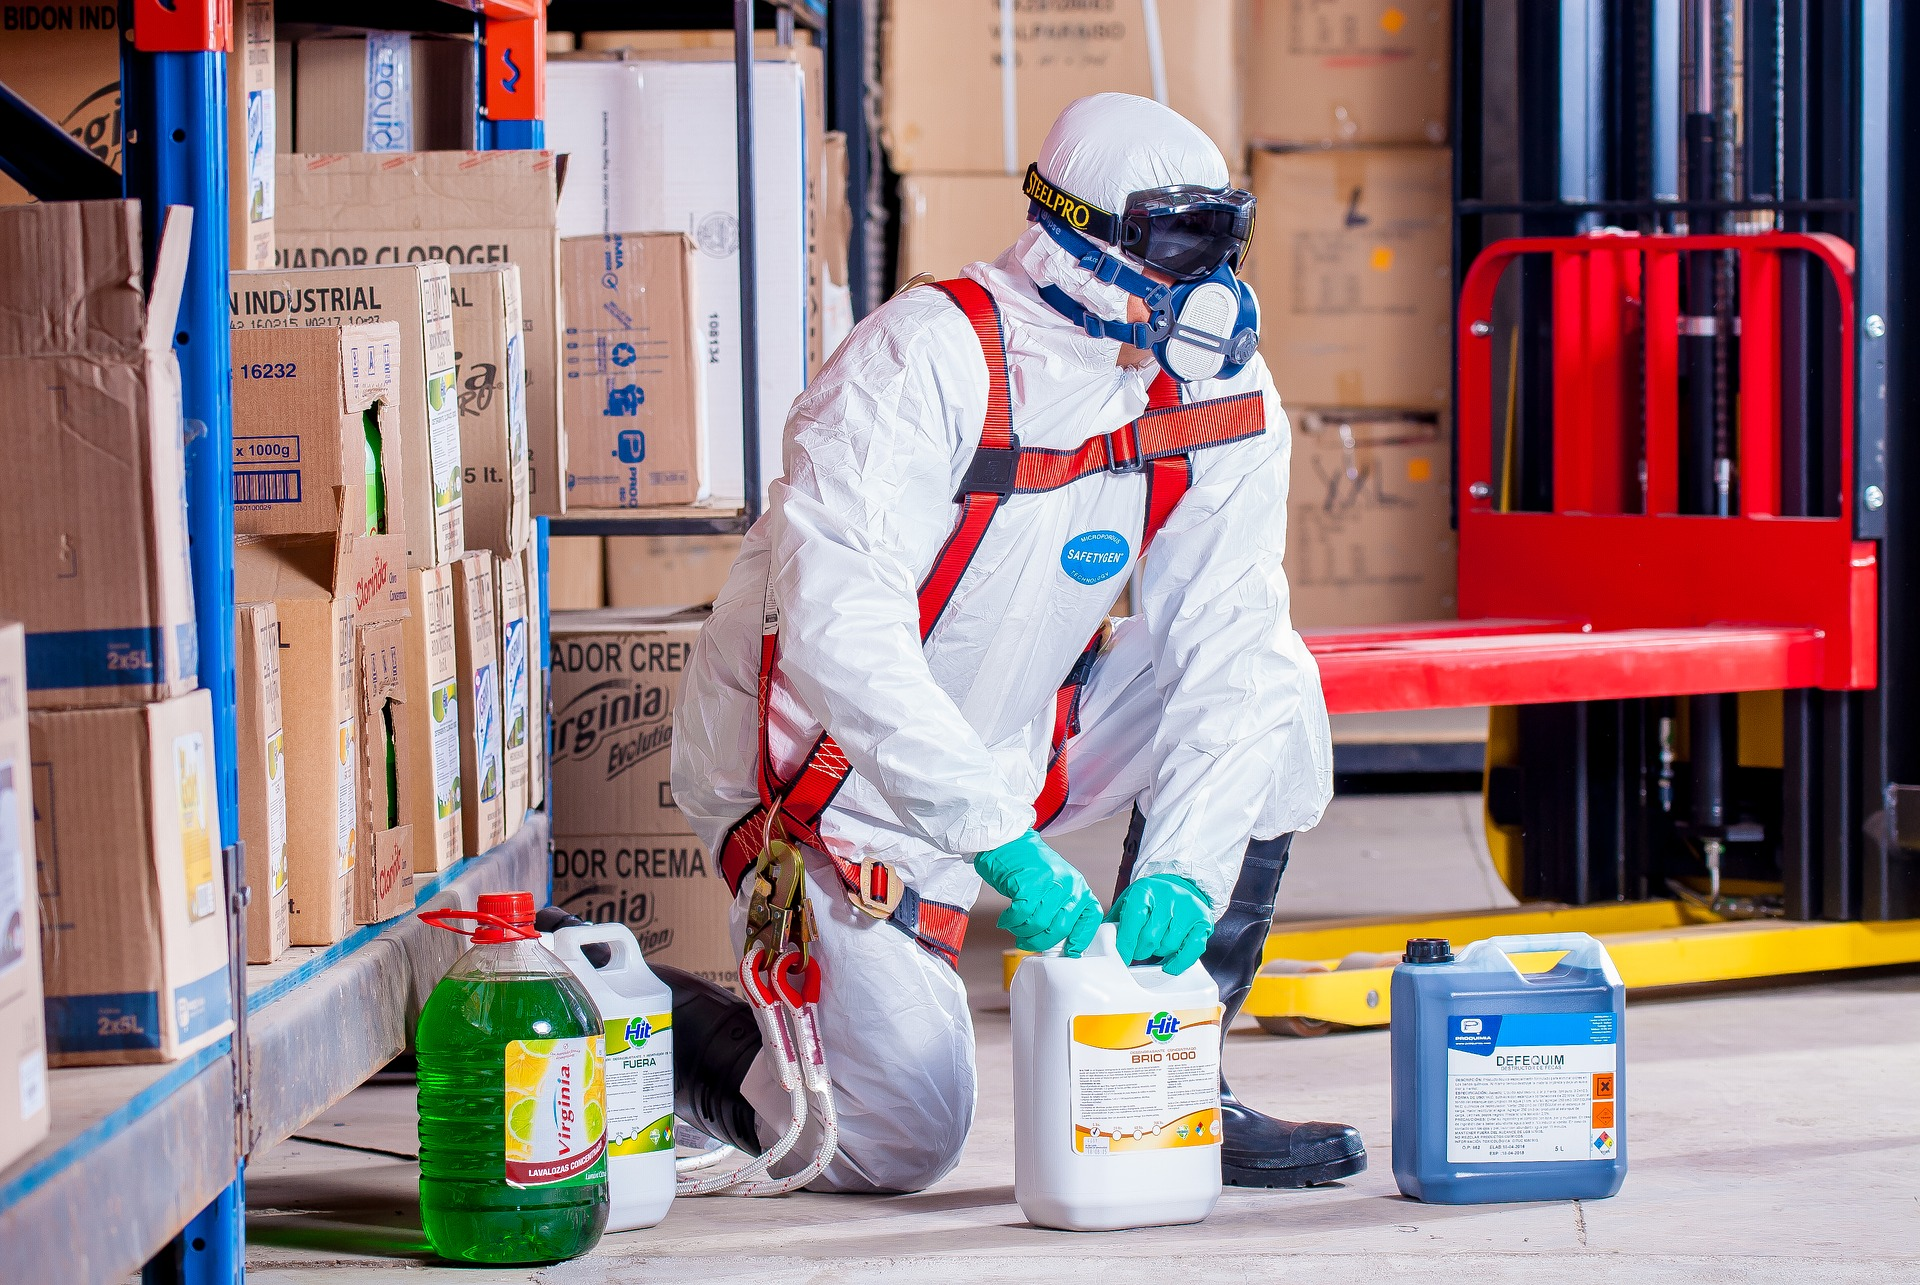 verifiche in corso sul rischio chimico